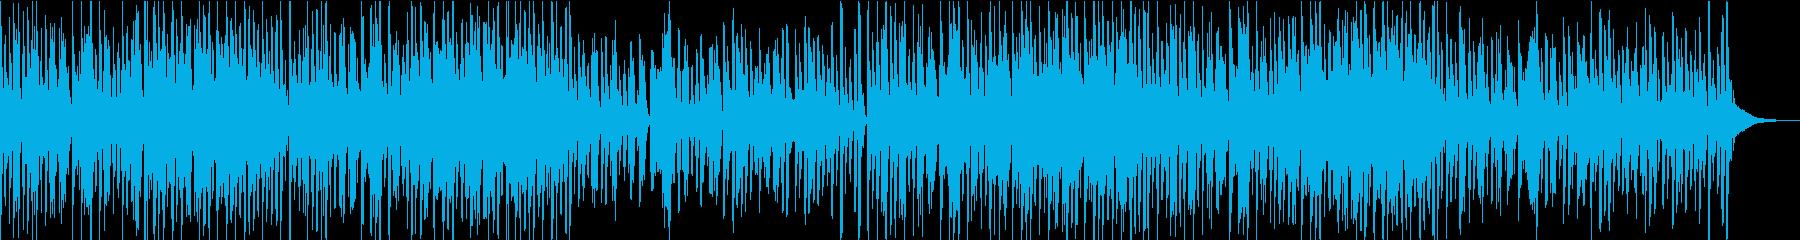 気持ちが高まる曲/EDM の再生済みの波形